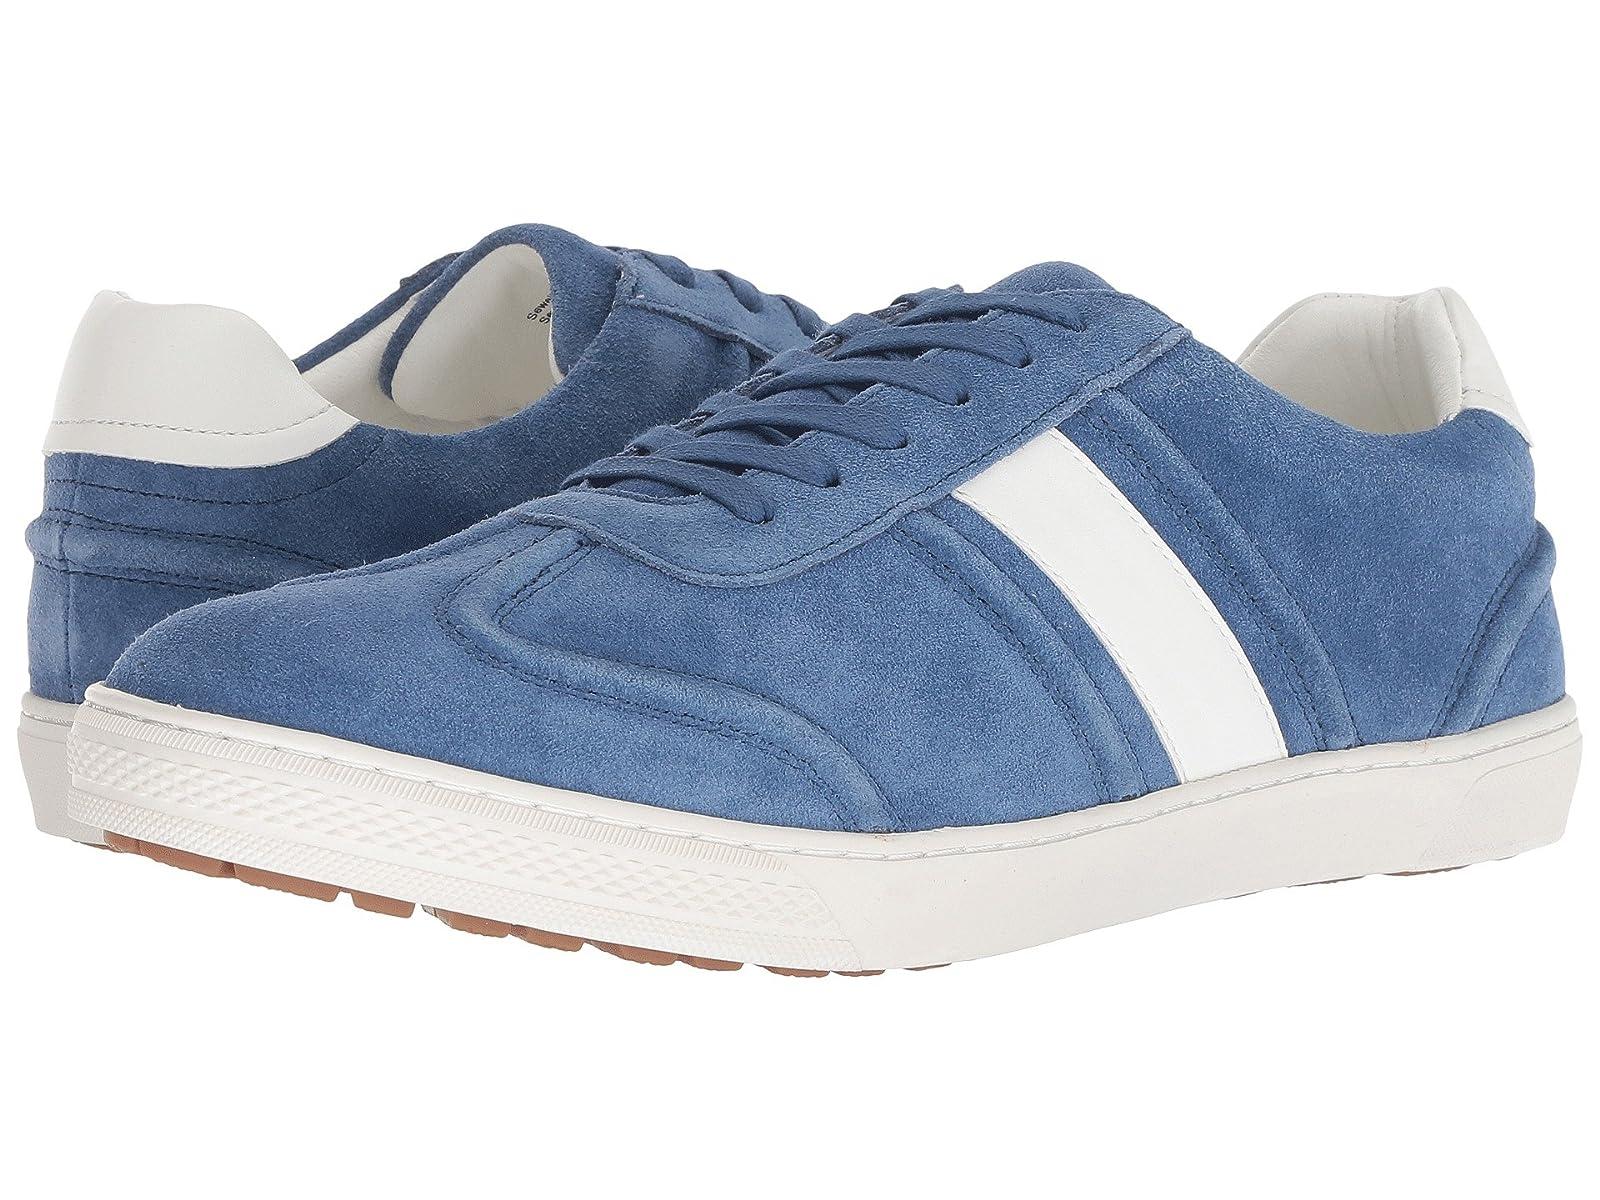 Steve Madden SewellAtmospheric grades have affordable shoes